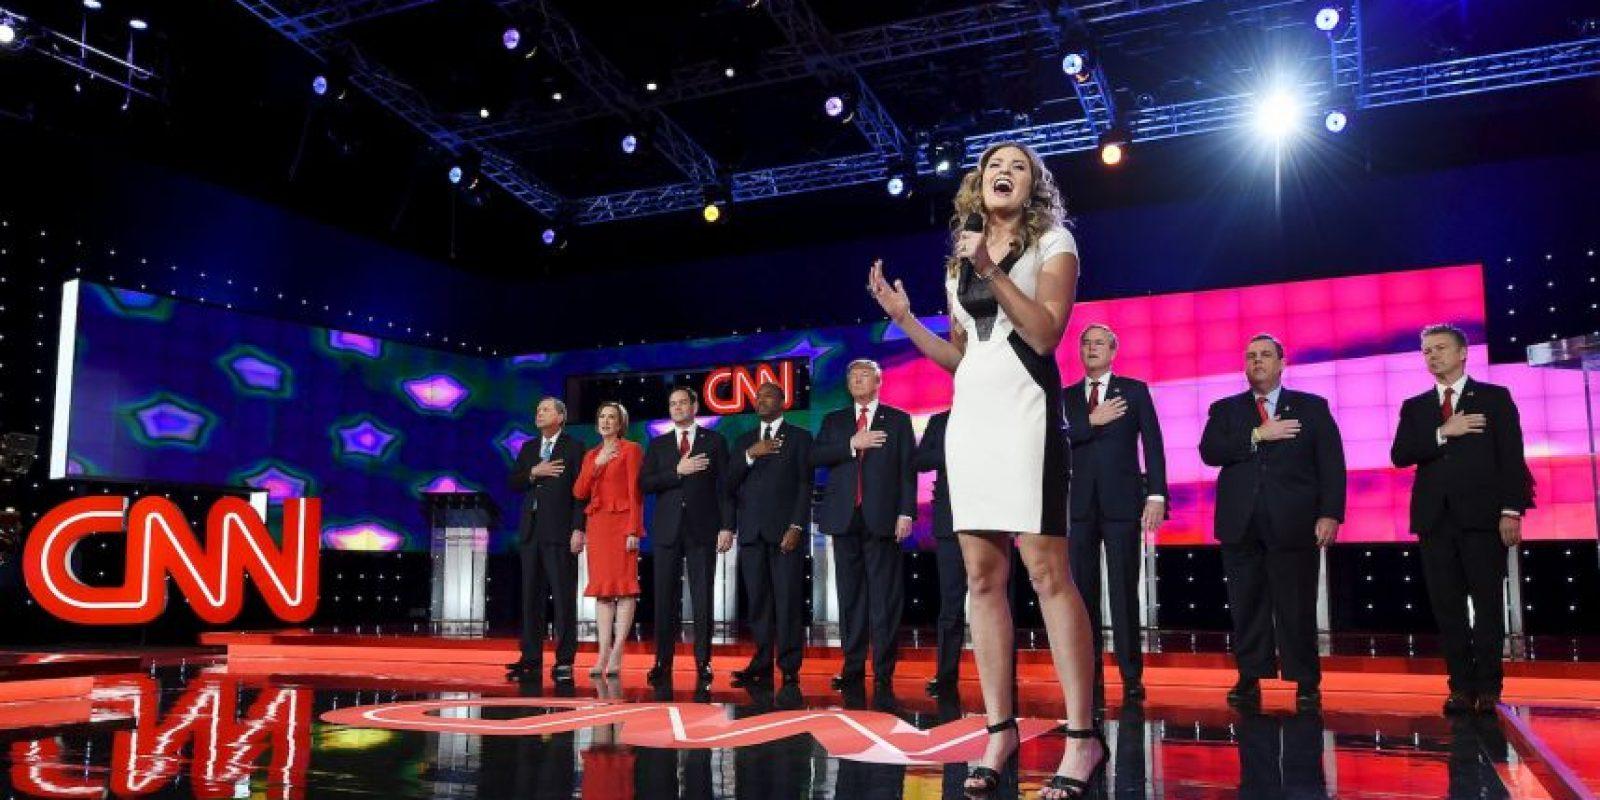 Las opiniones de los candidatos respecto a los temas principales eran muy variables. Foto:AFP